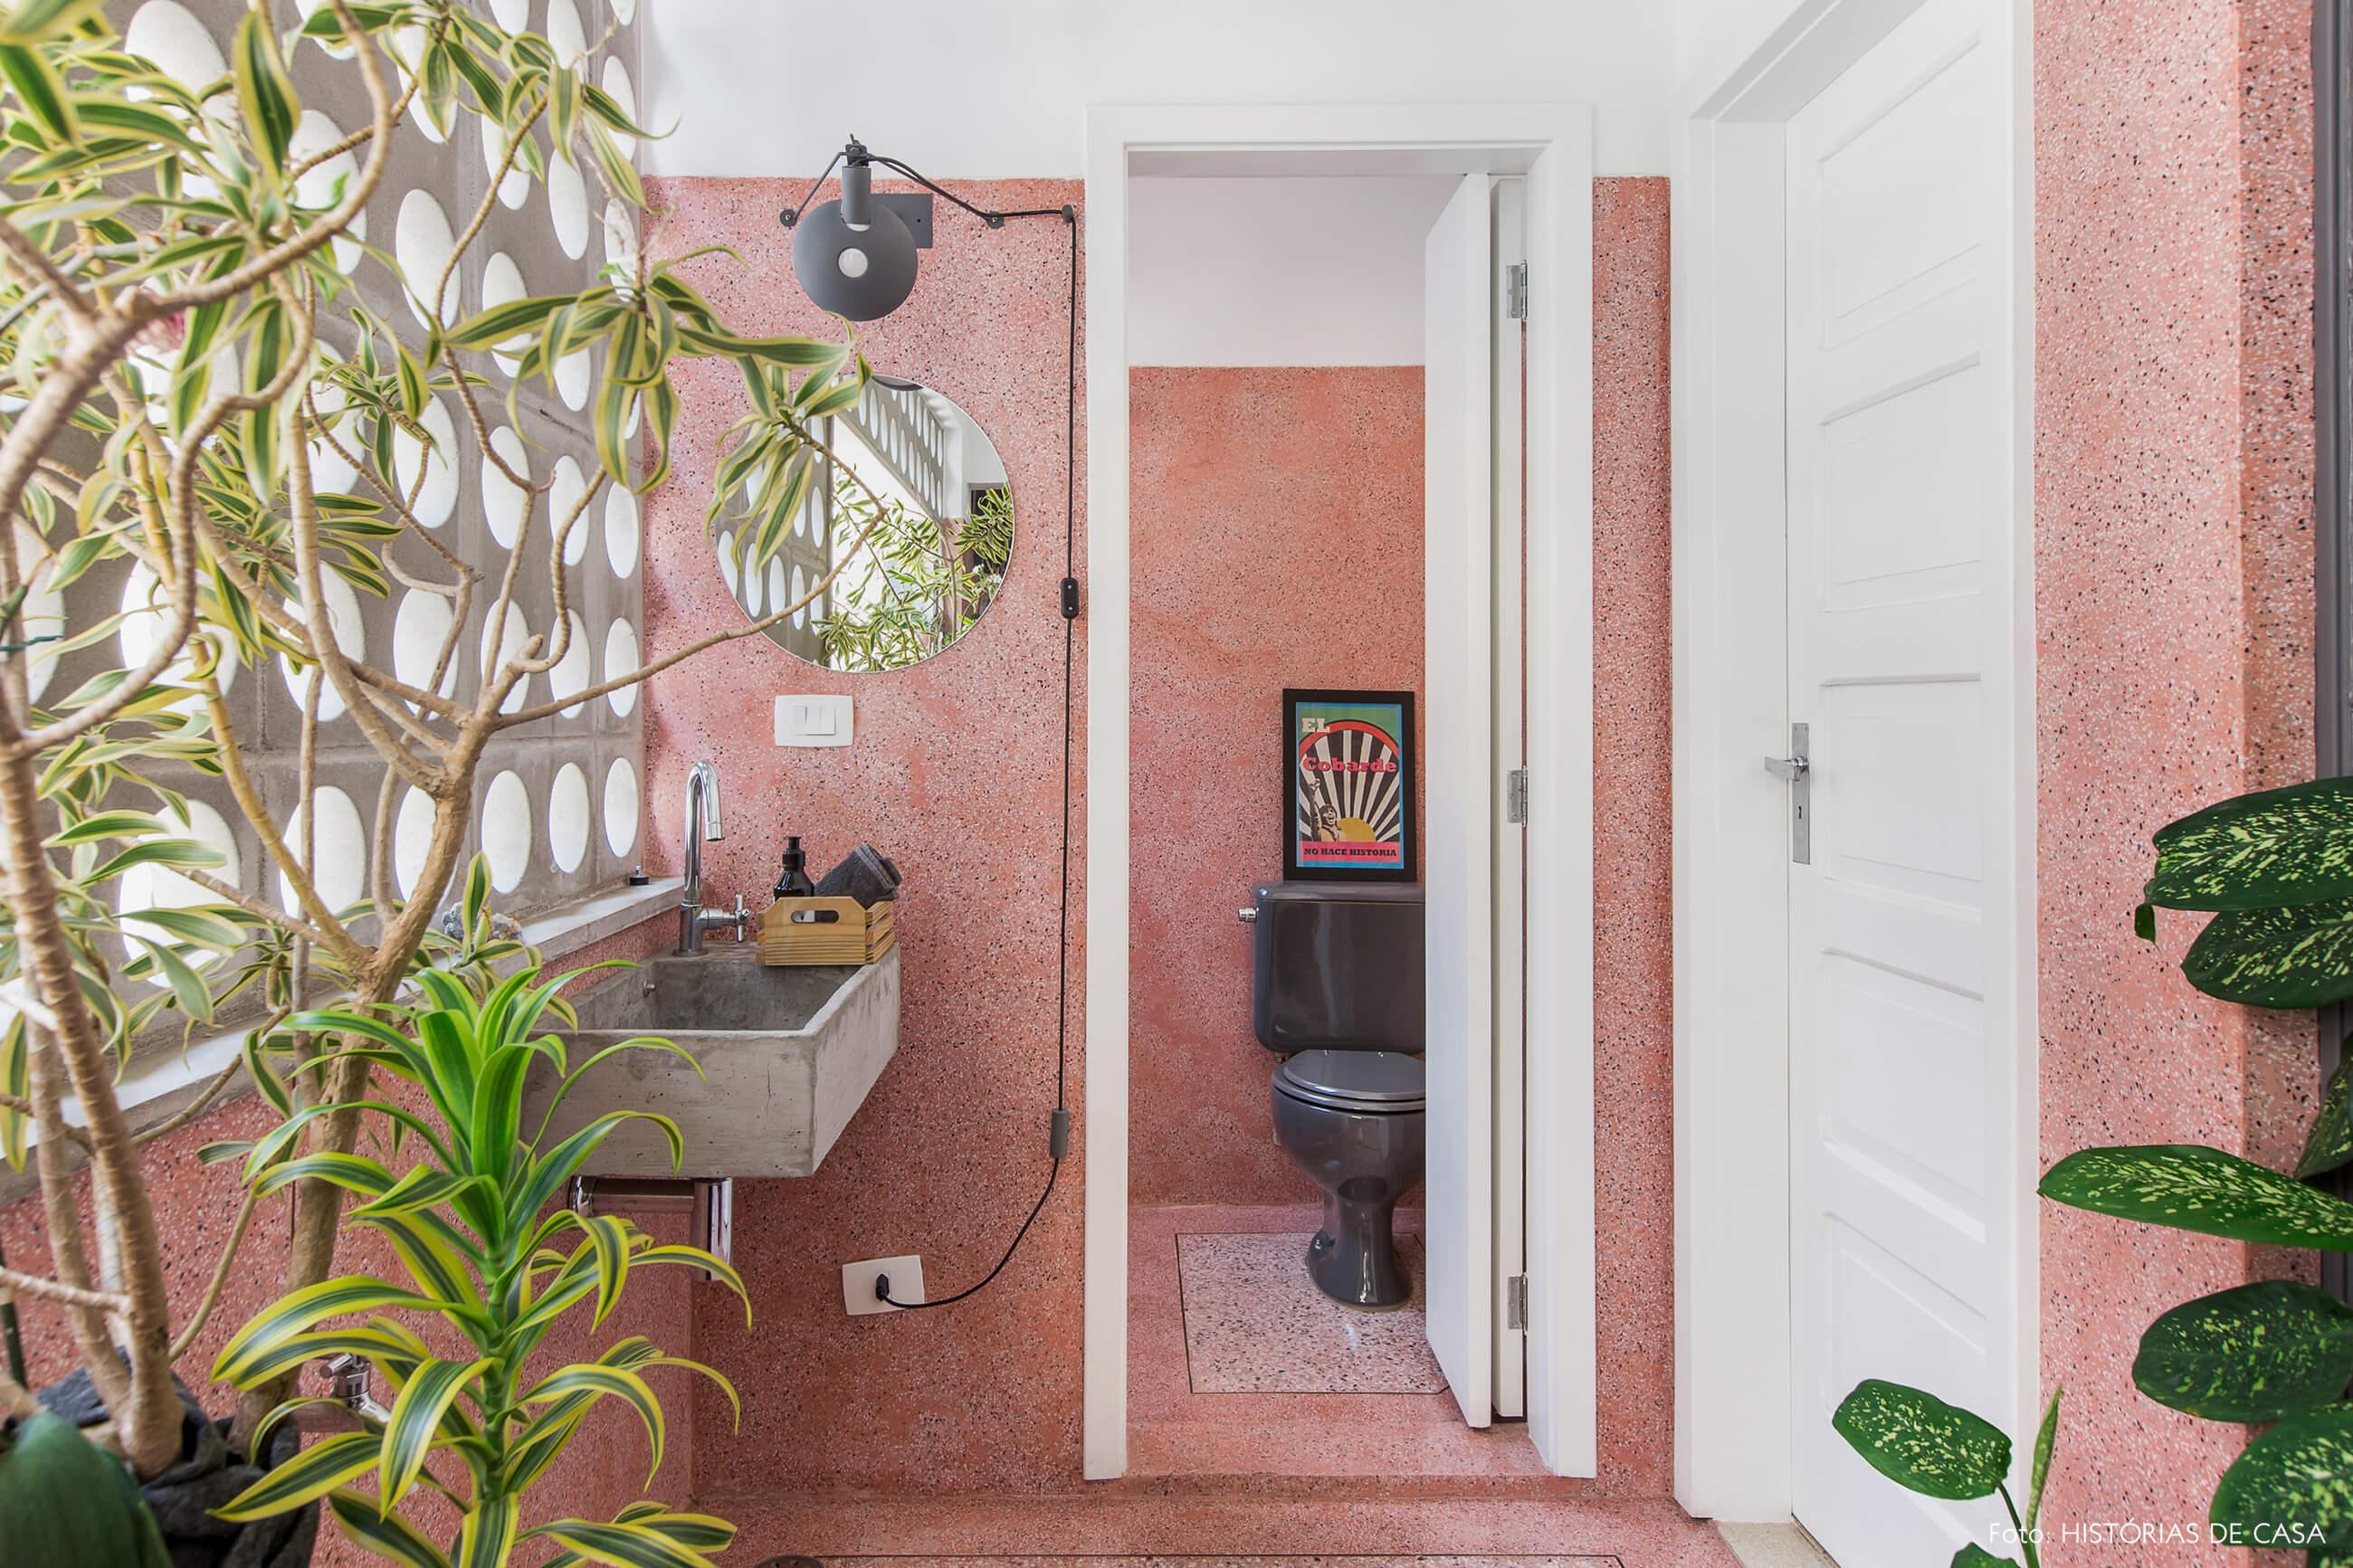 Varanda com piso e paredes de granilite rosa e muitas plantas, plants on pink